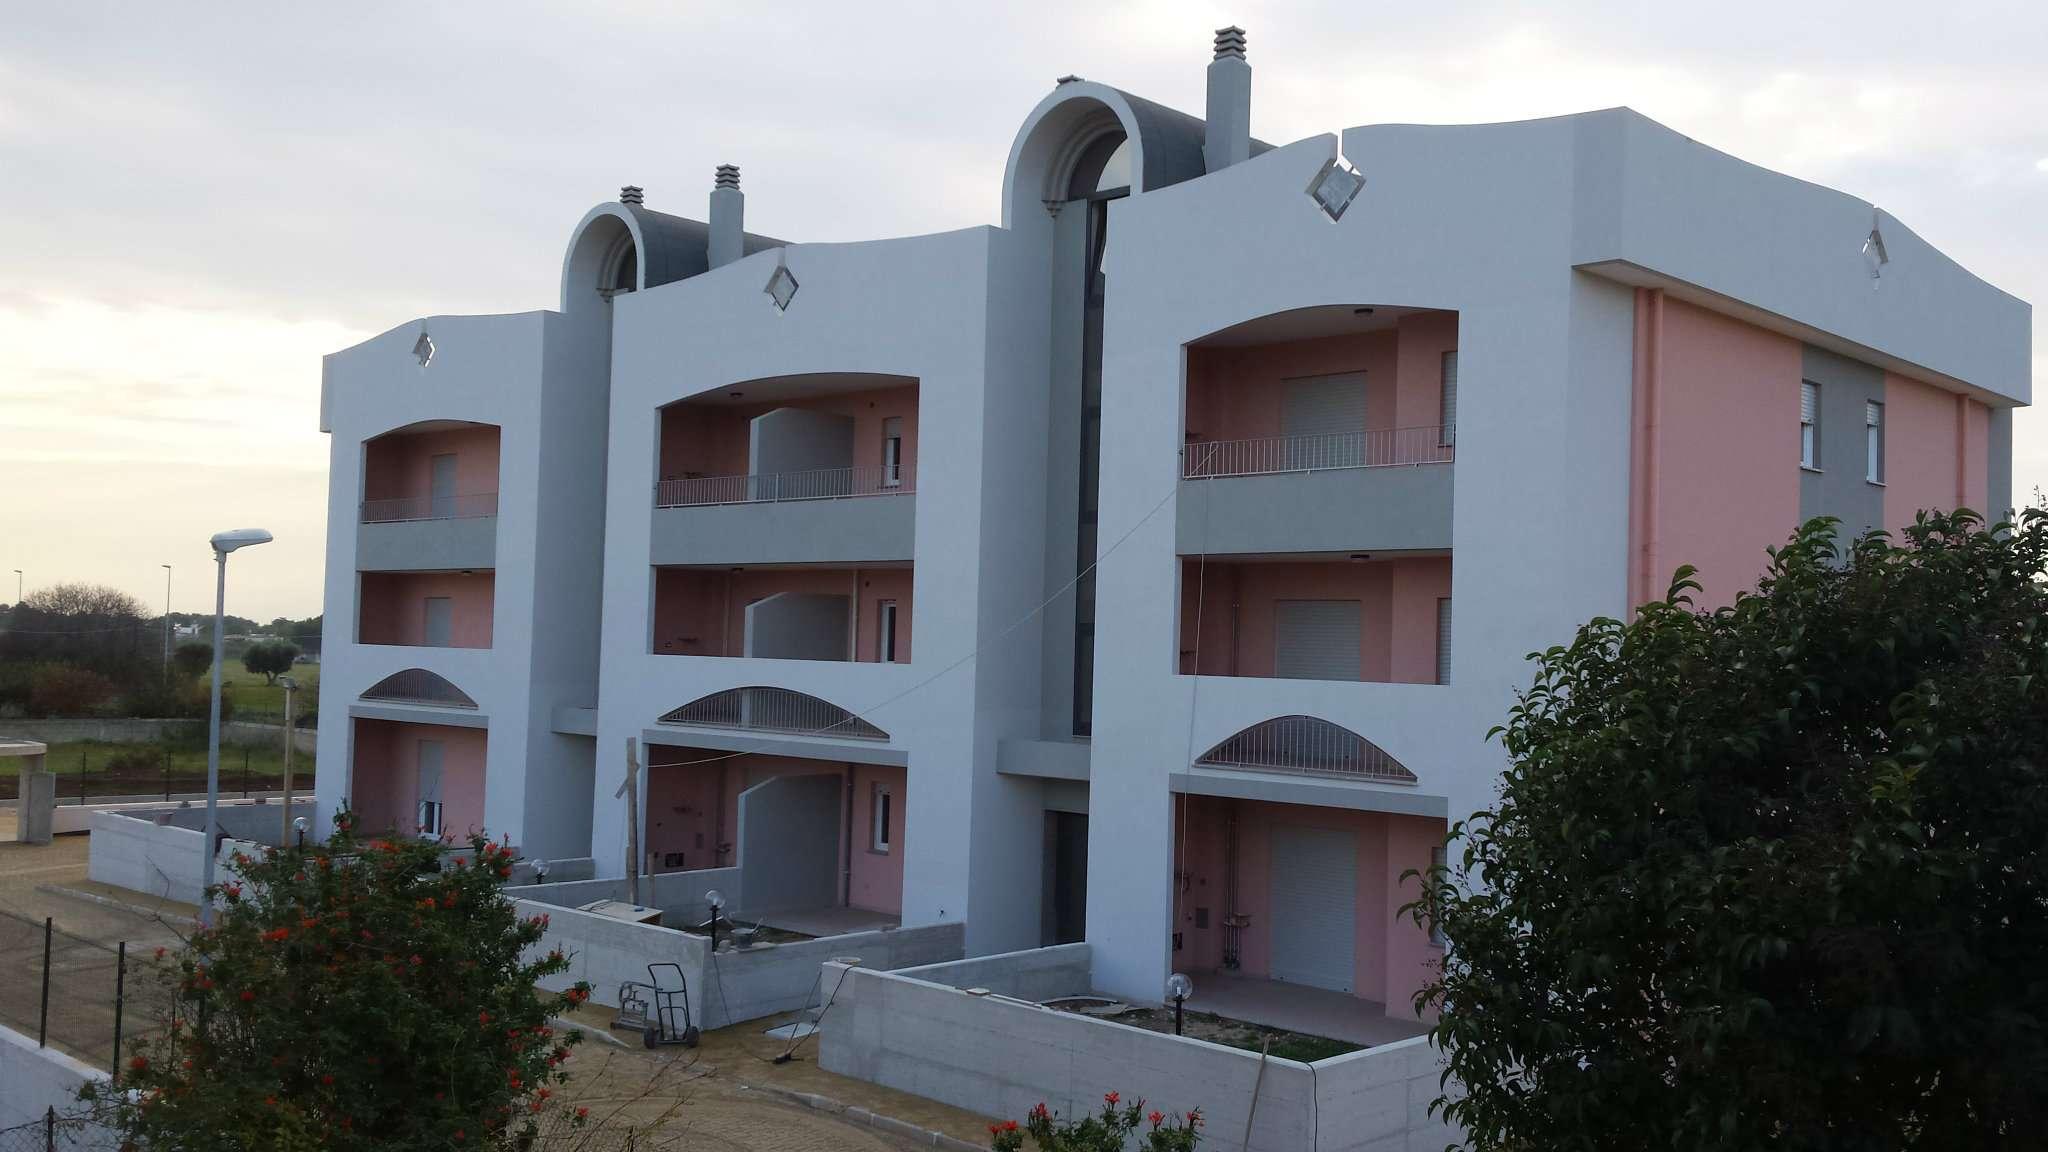 Appartamento in vendita a Pulsano, 4 locali, prezzo € 115.000 | Cambio Casa.it